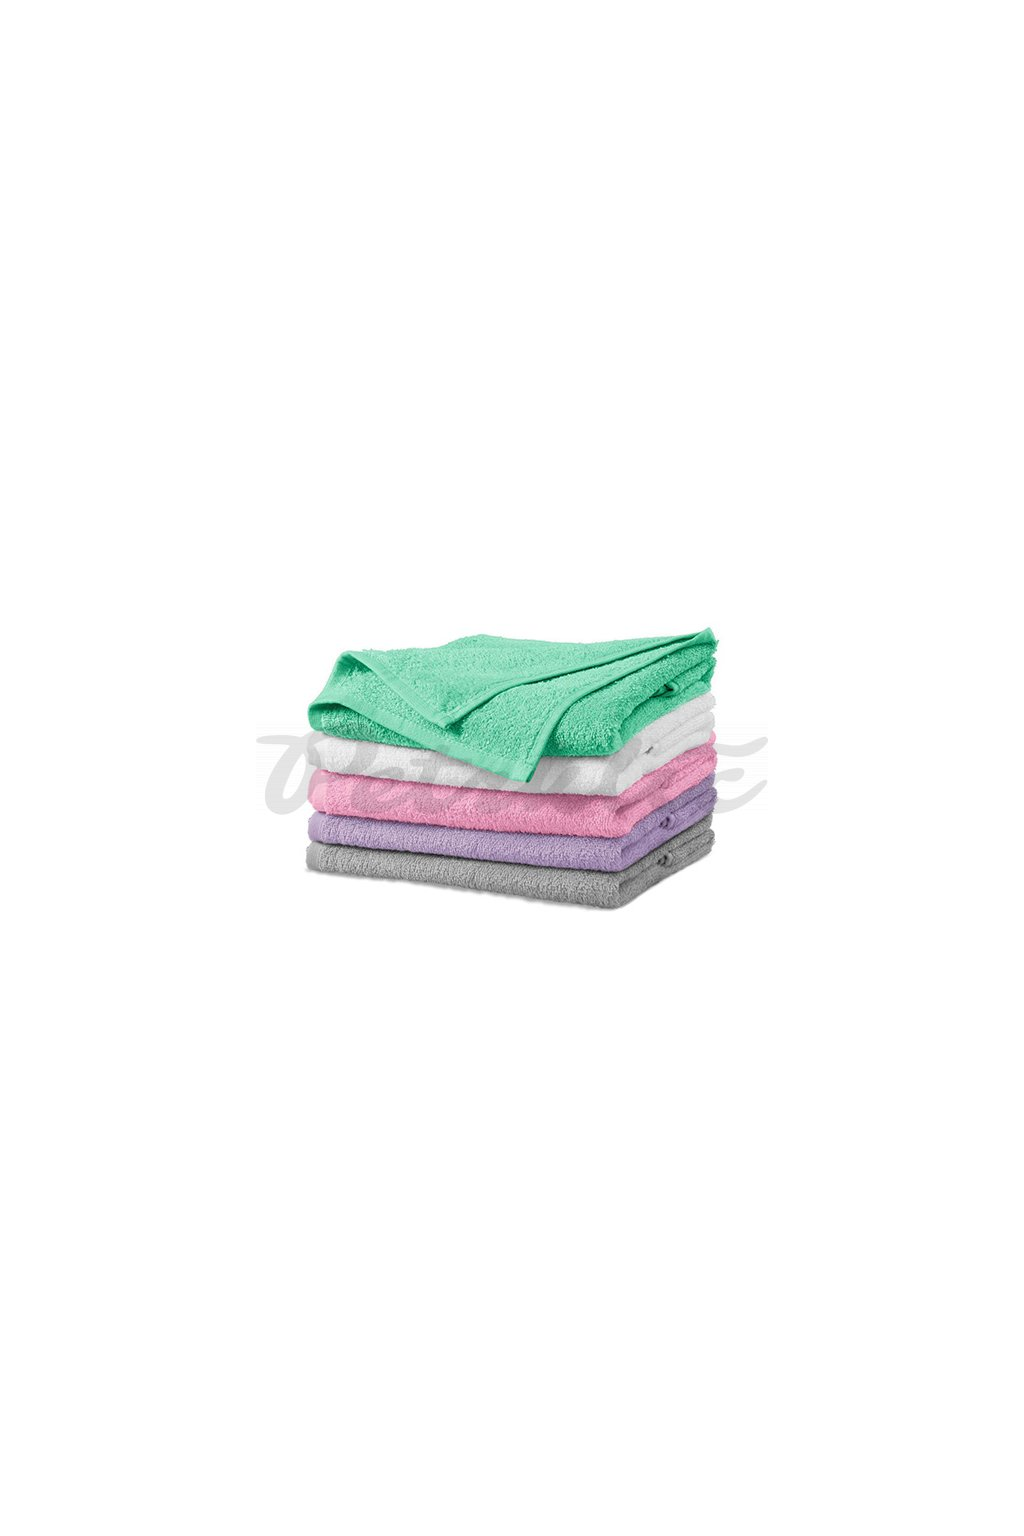 Froté ručník 350 g/m² 50 x 100 cm - TERRY TOWEL 908